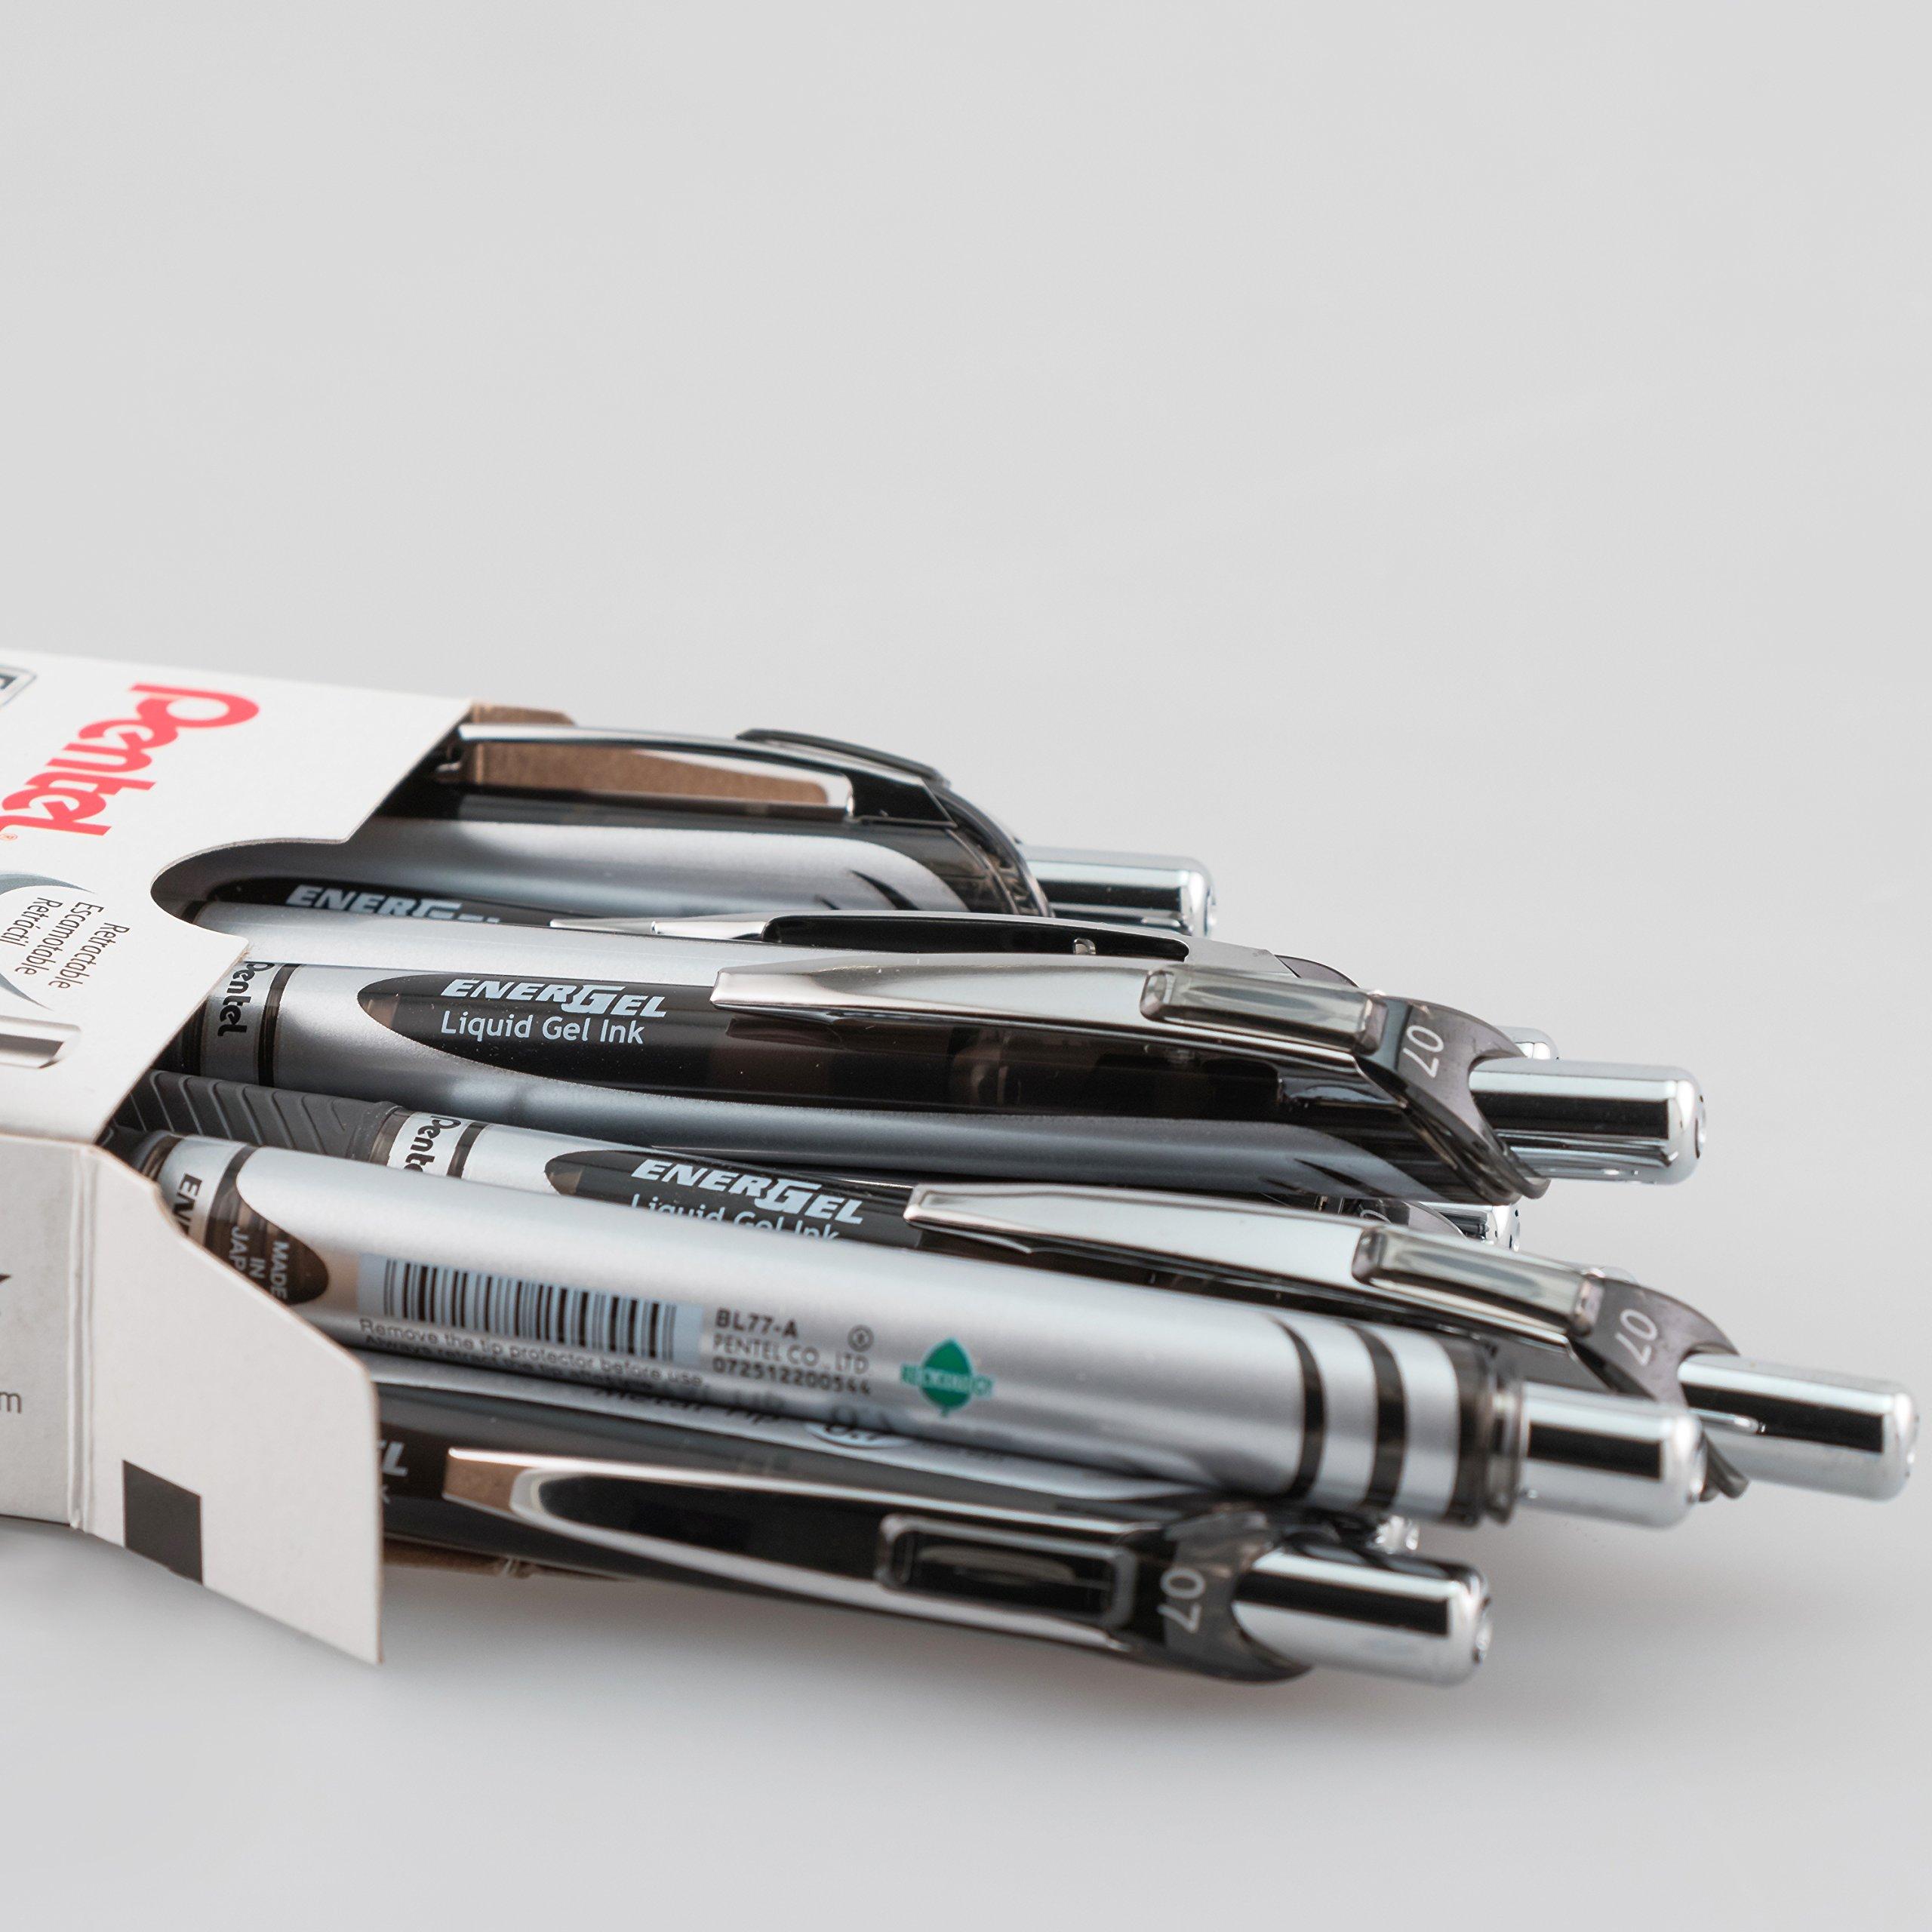 Pentel EnerGel RTX Retractable Liquid Gel Pen, 0.7mm Medium Line, Metal Tip, Black Ink, 12 Pack (BL77-A) by Pentel (Image #3)